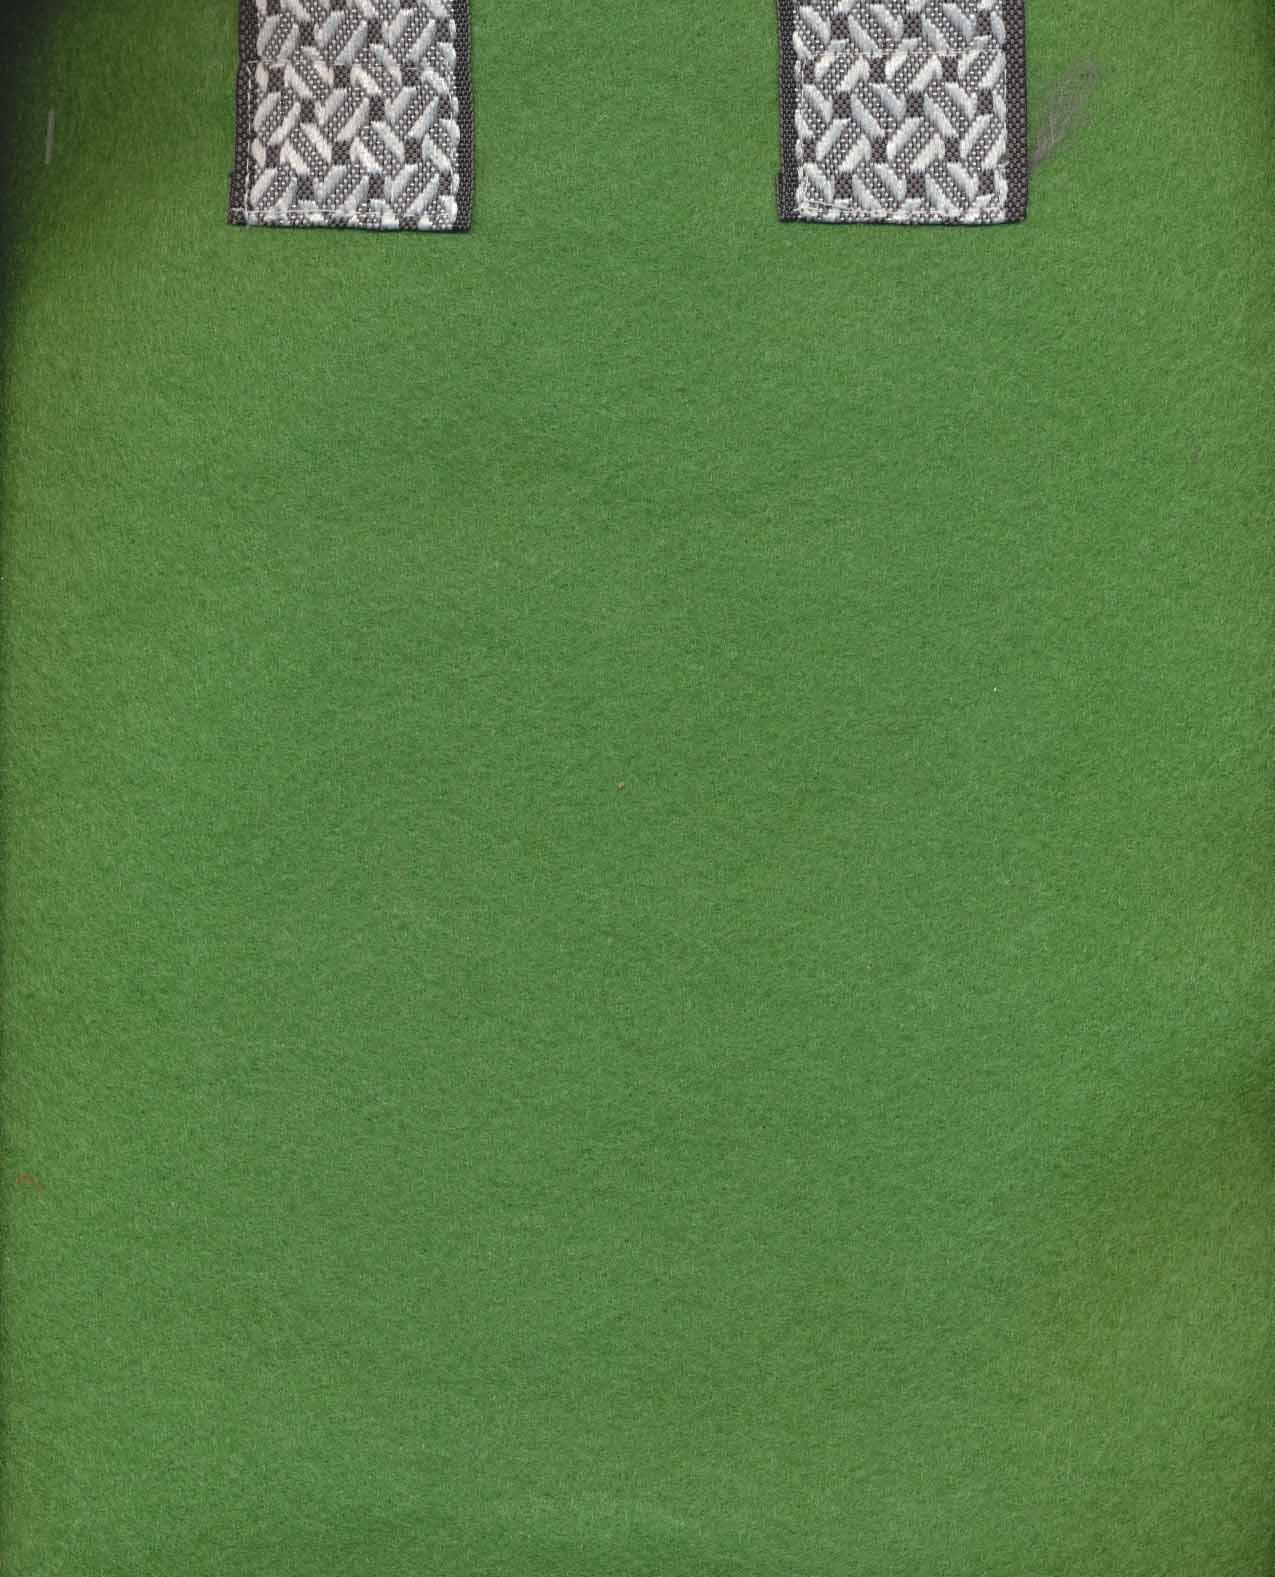 کیف خرید پارچه ای کوچک (کد 130)